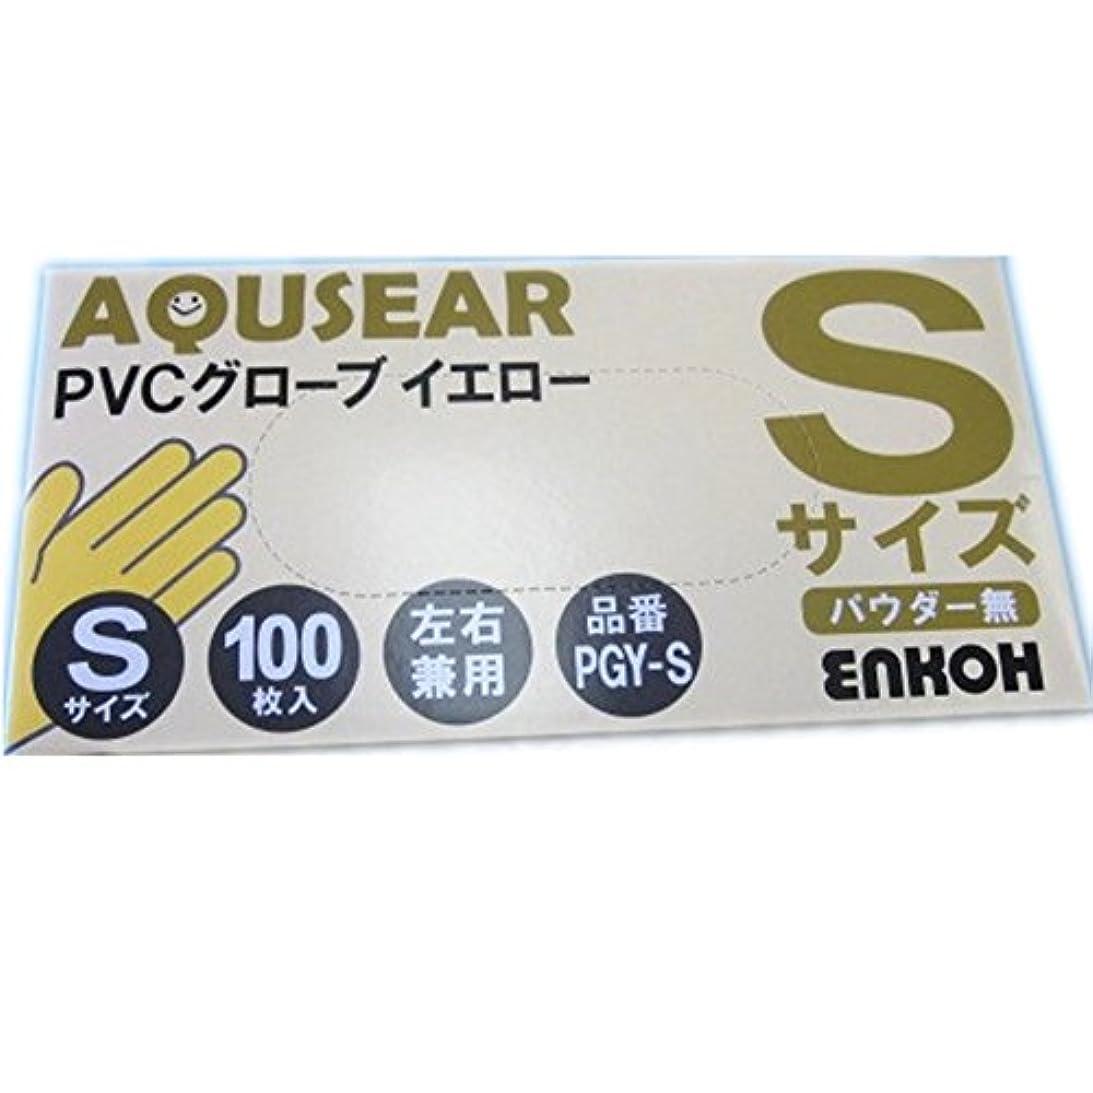 スイッチクリップ王位AQUSEAR PVC プラスチックグローブ イエロー 弾性 Sサイズ パウダー無 PGY-S 100枚×20箱